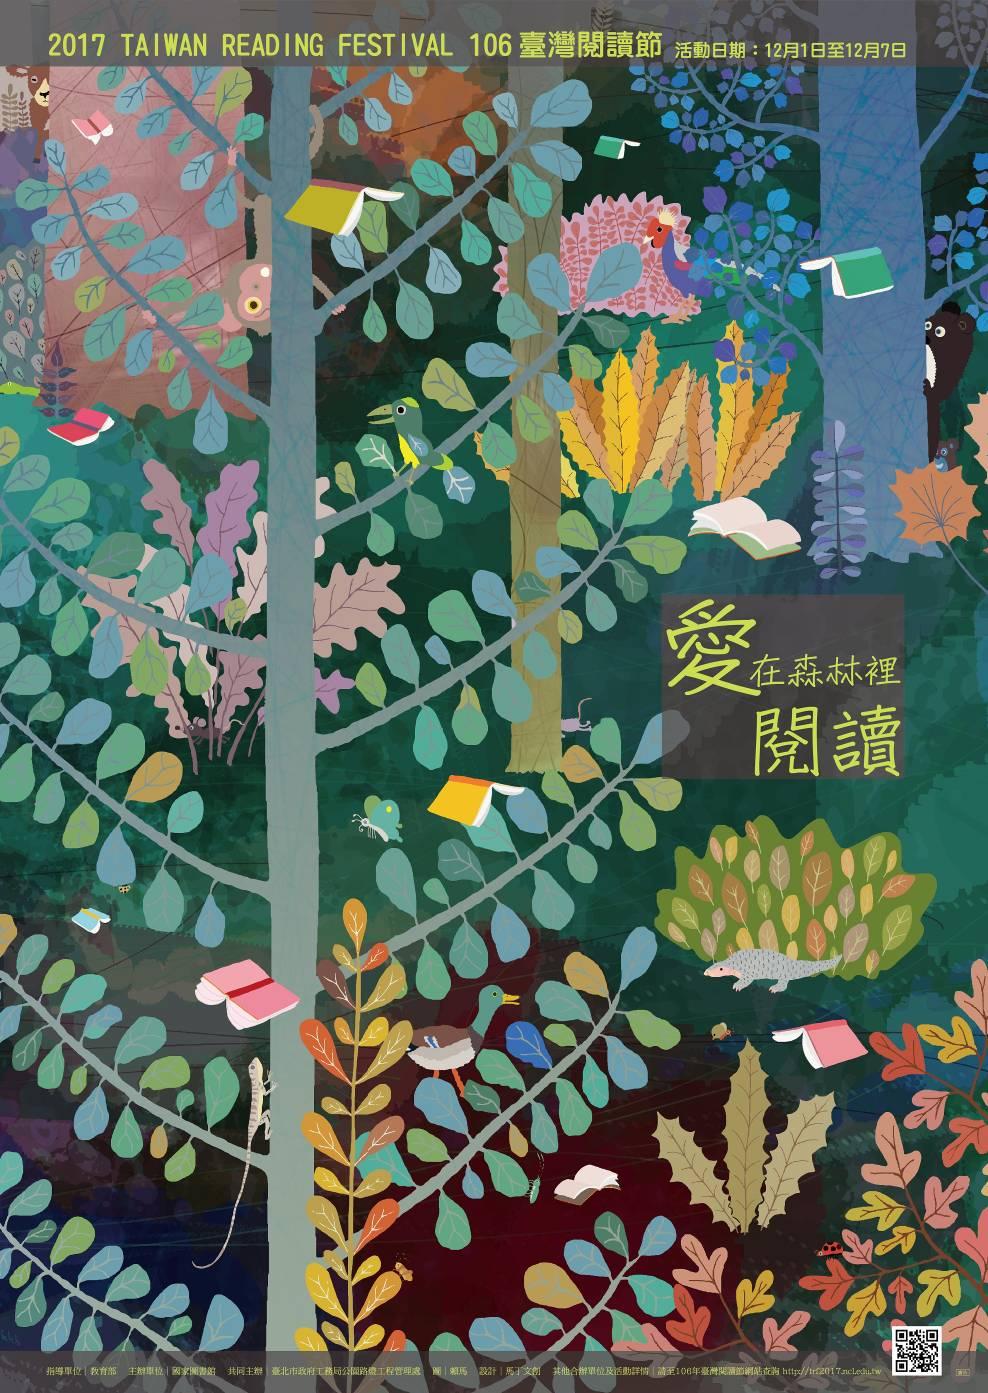 (圖6) 活動海報為賴馬先生設計(國家圖書館提供)